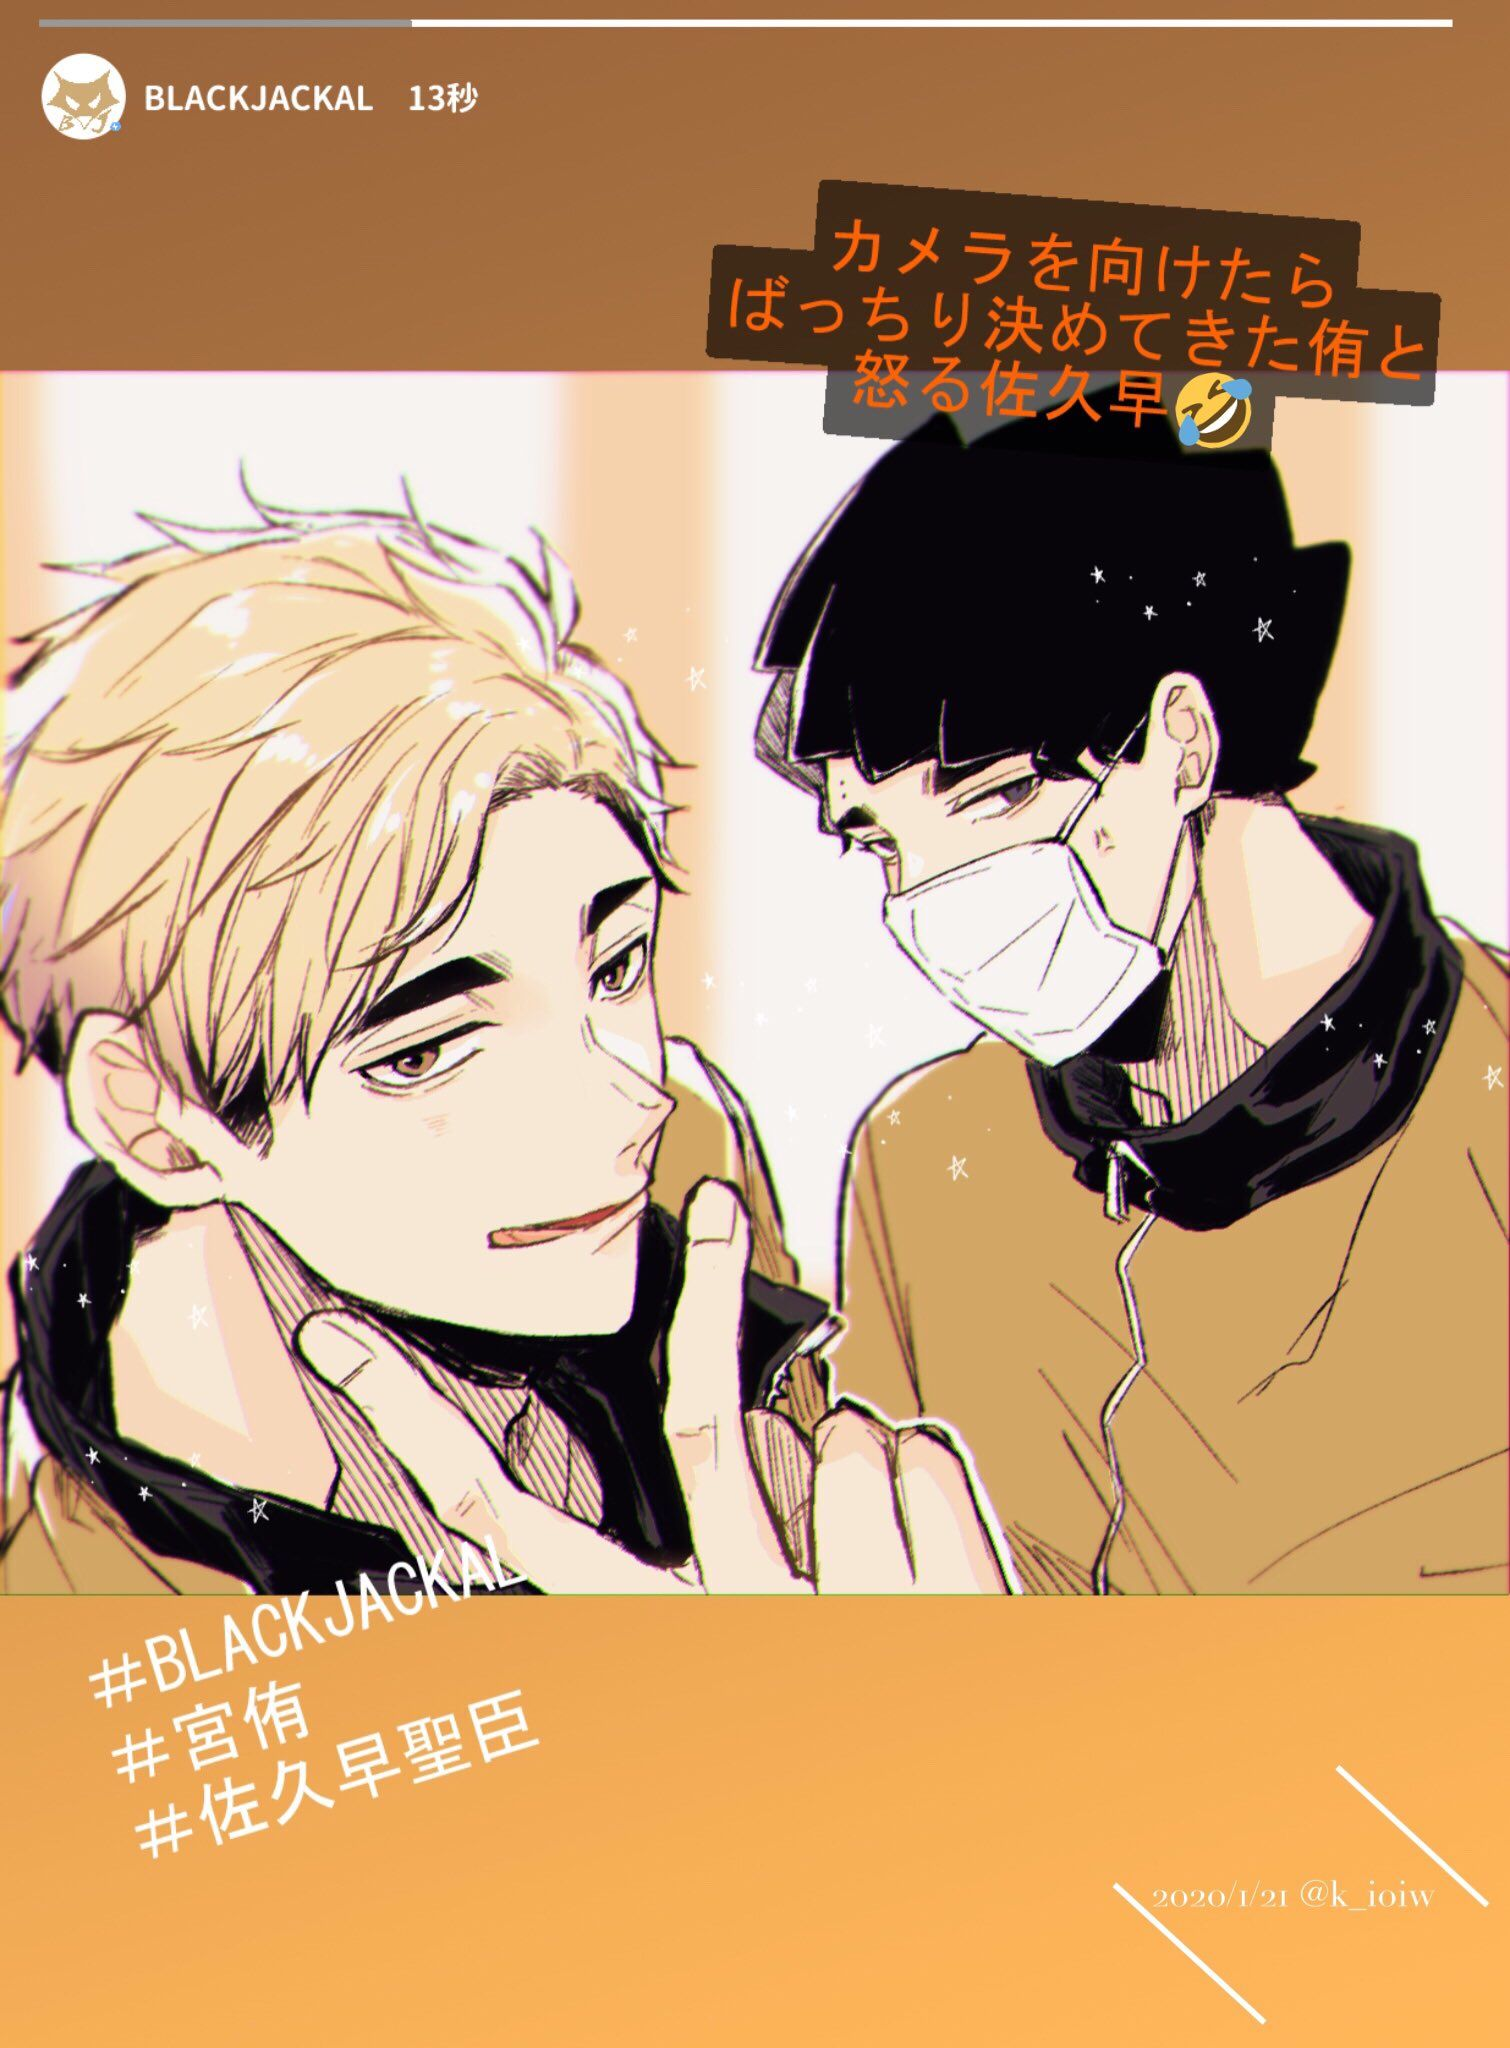 Pin By Usa Chan On Haikyuu Haikyuu Anime Haikyuu Haikyuu Kageyama